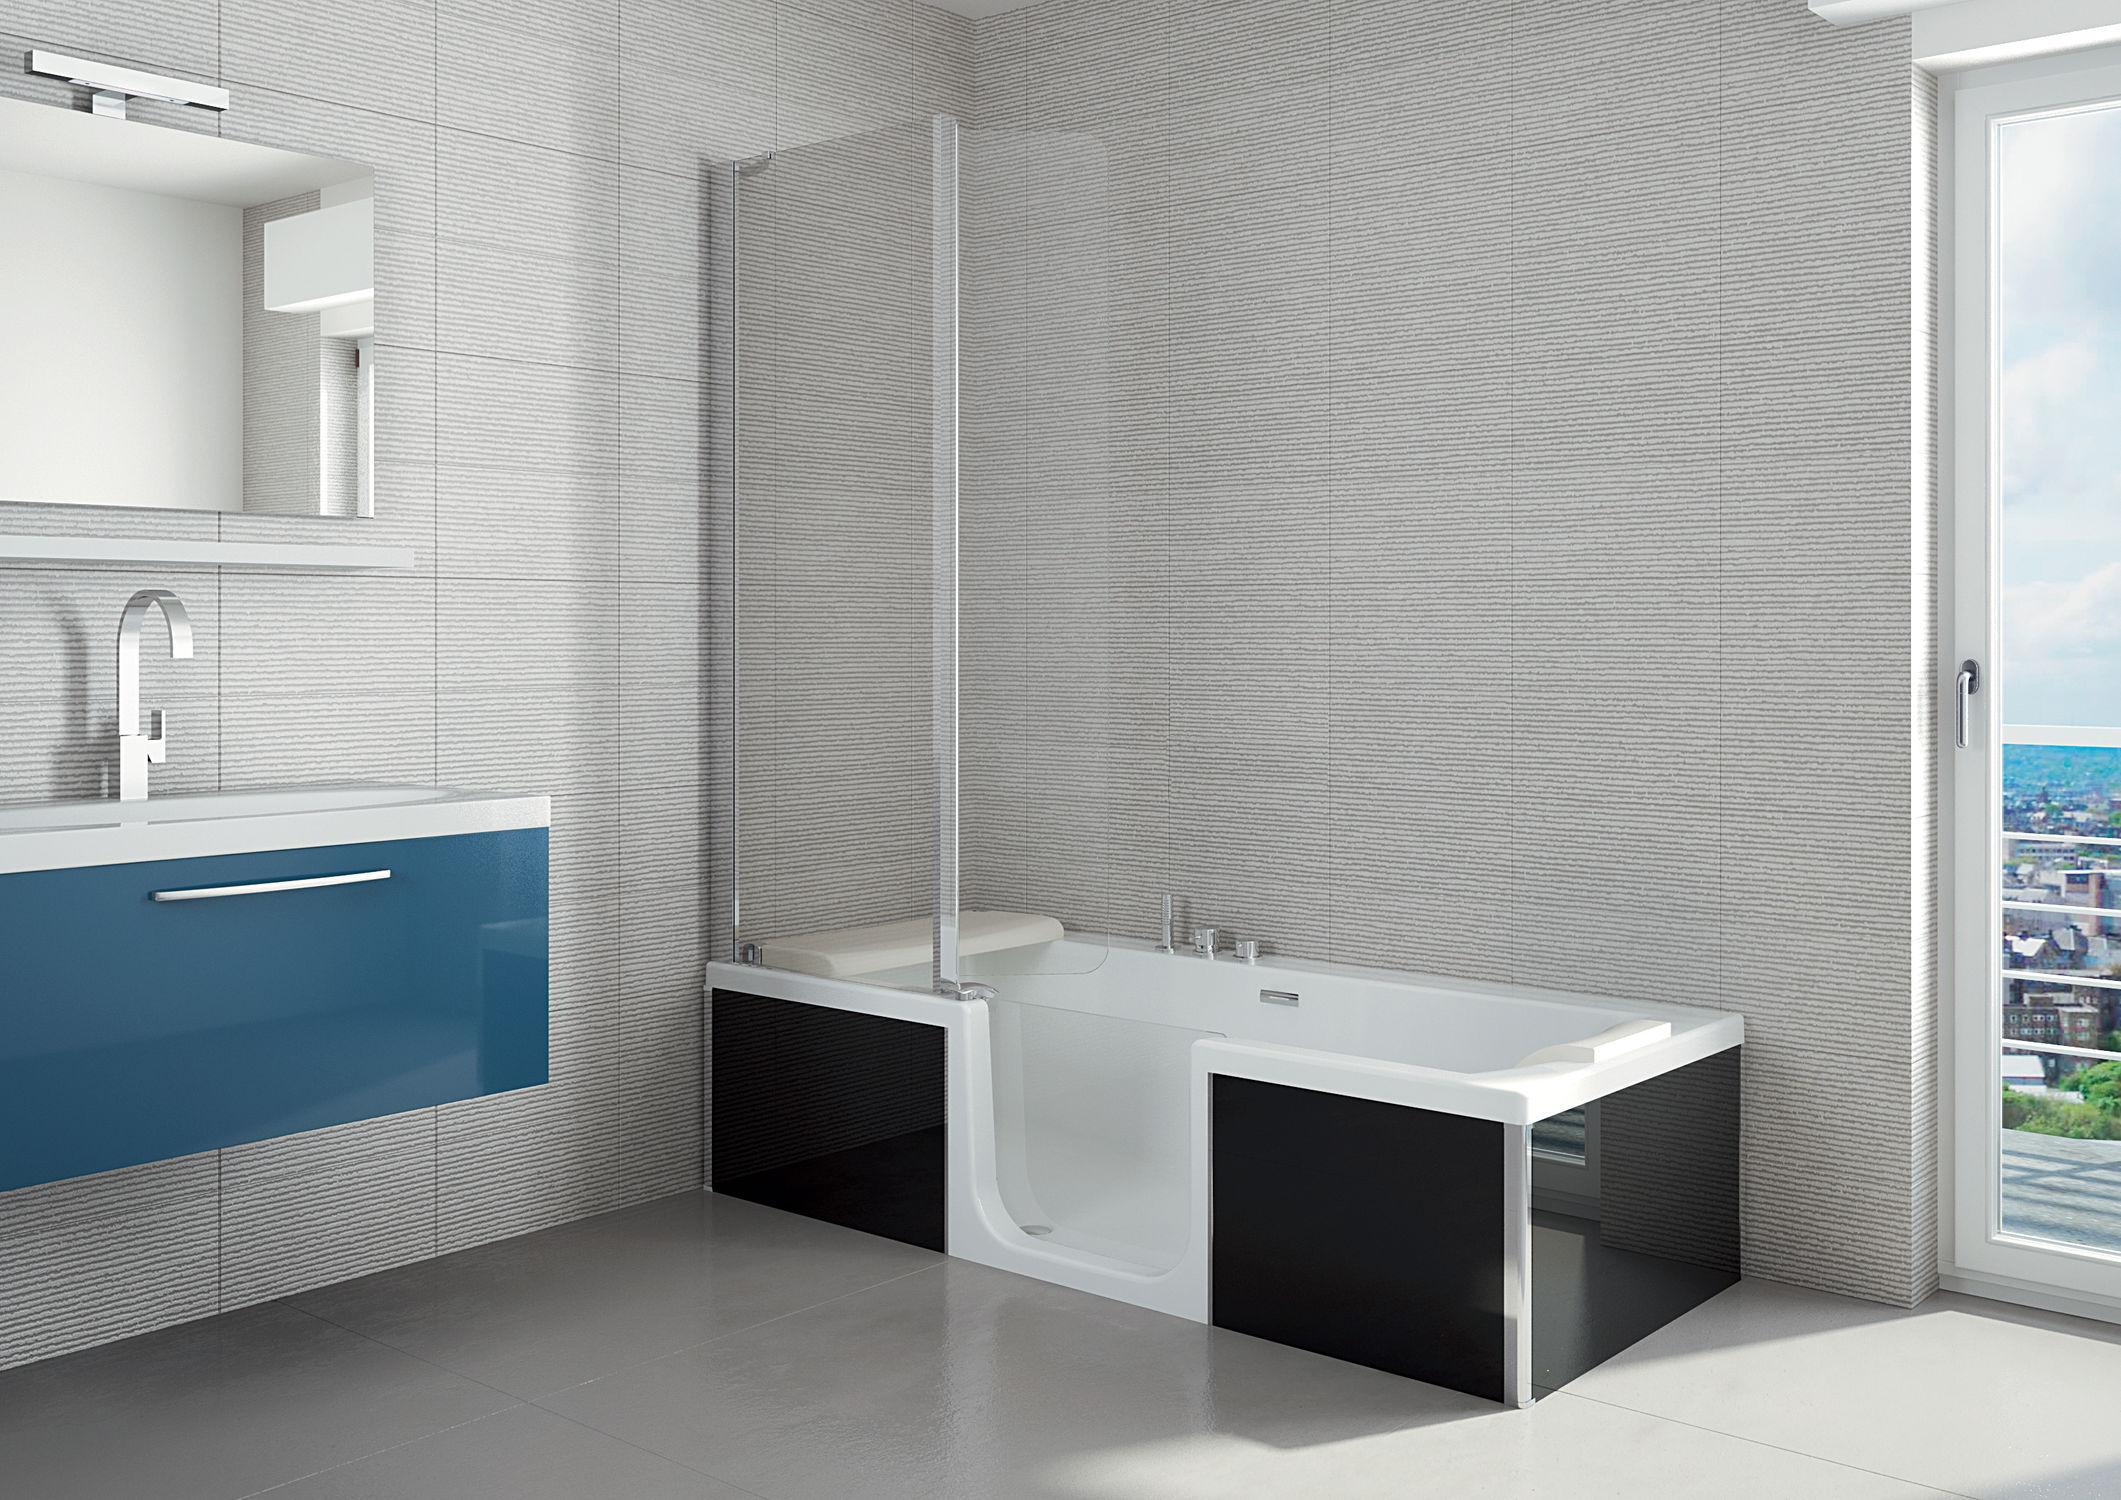 Vasca da bagno da appoggio / idromassaggio / per disabili - KINEDUO ...